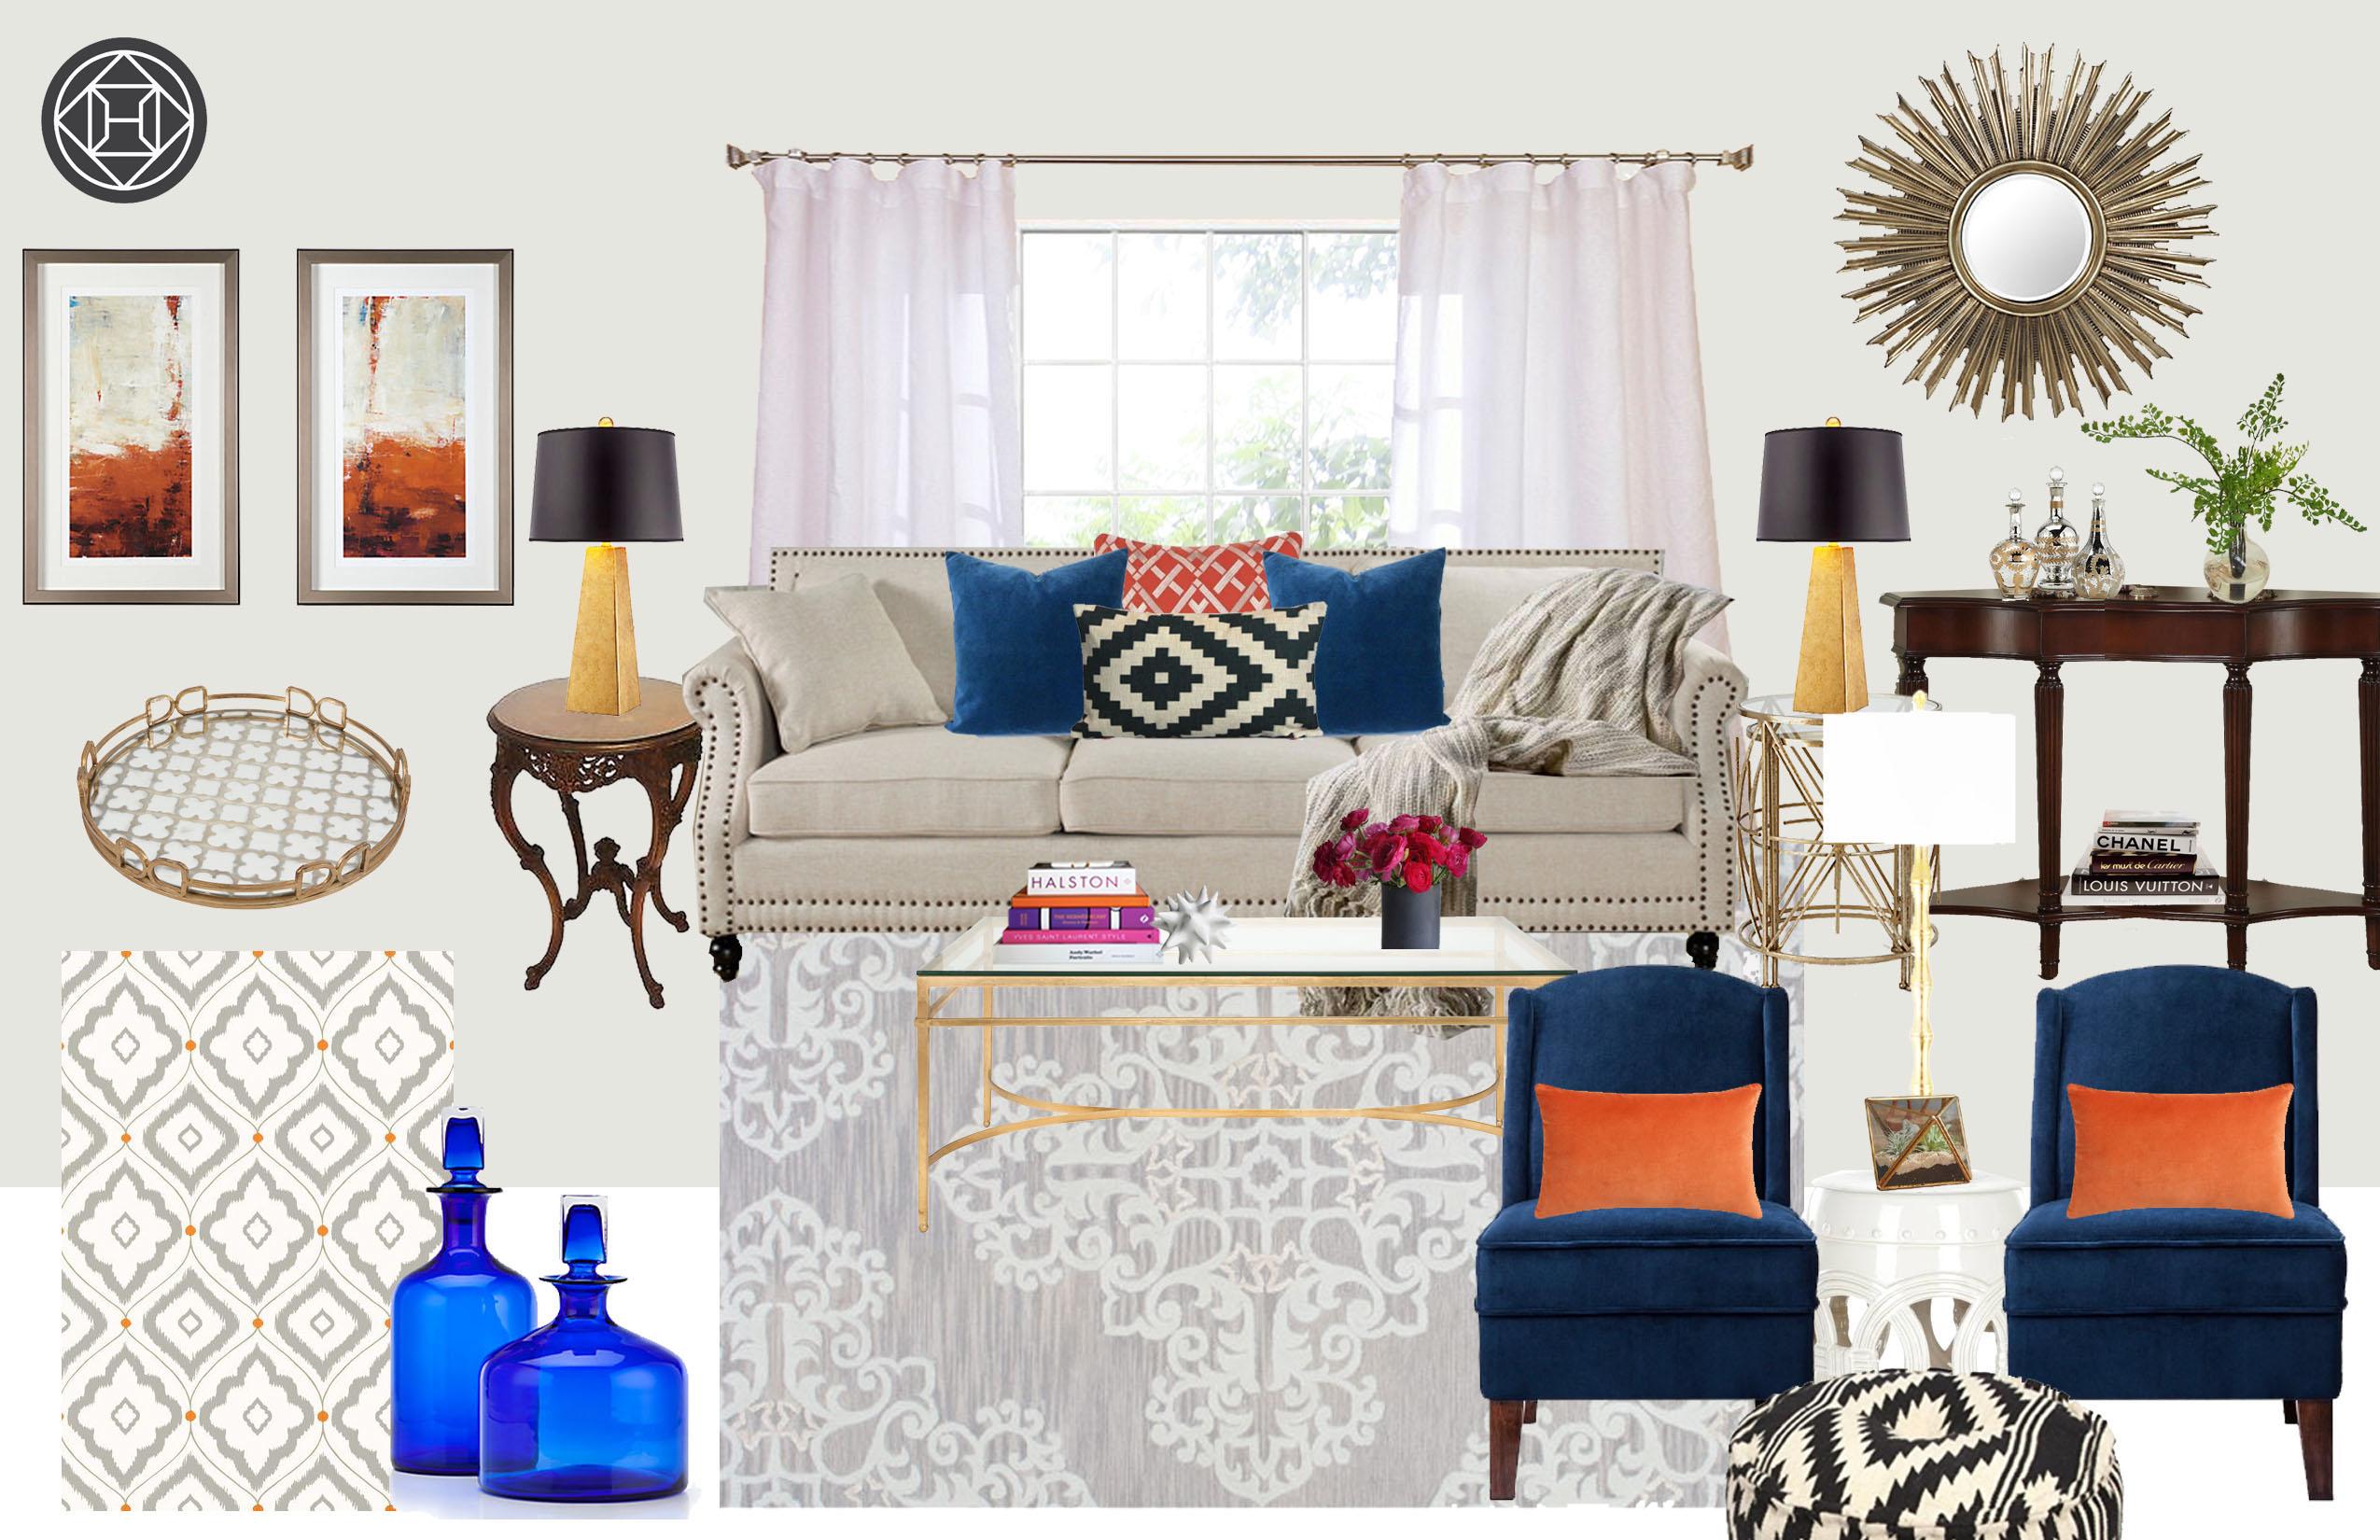 Casey Hardin - Glam Living Room Design